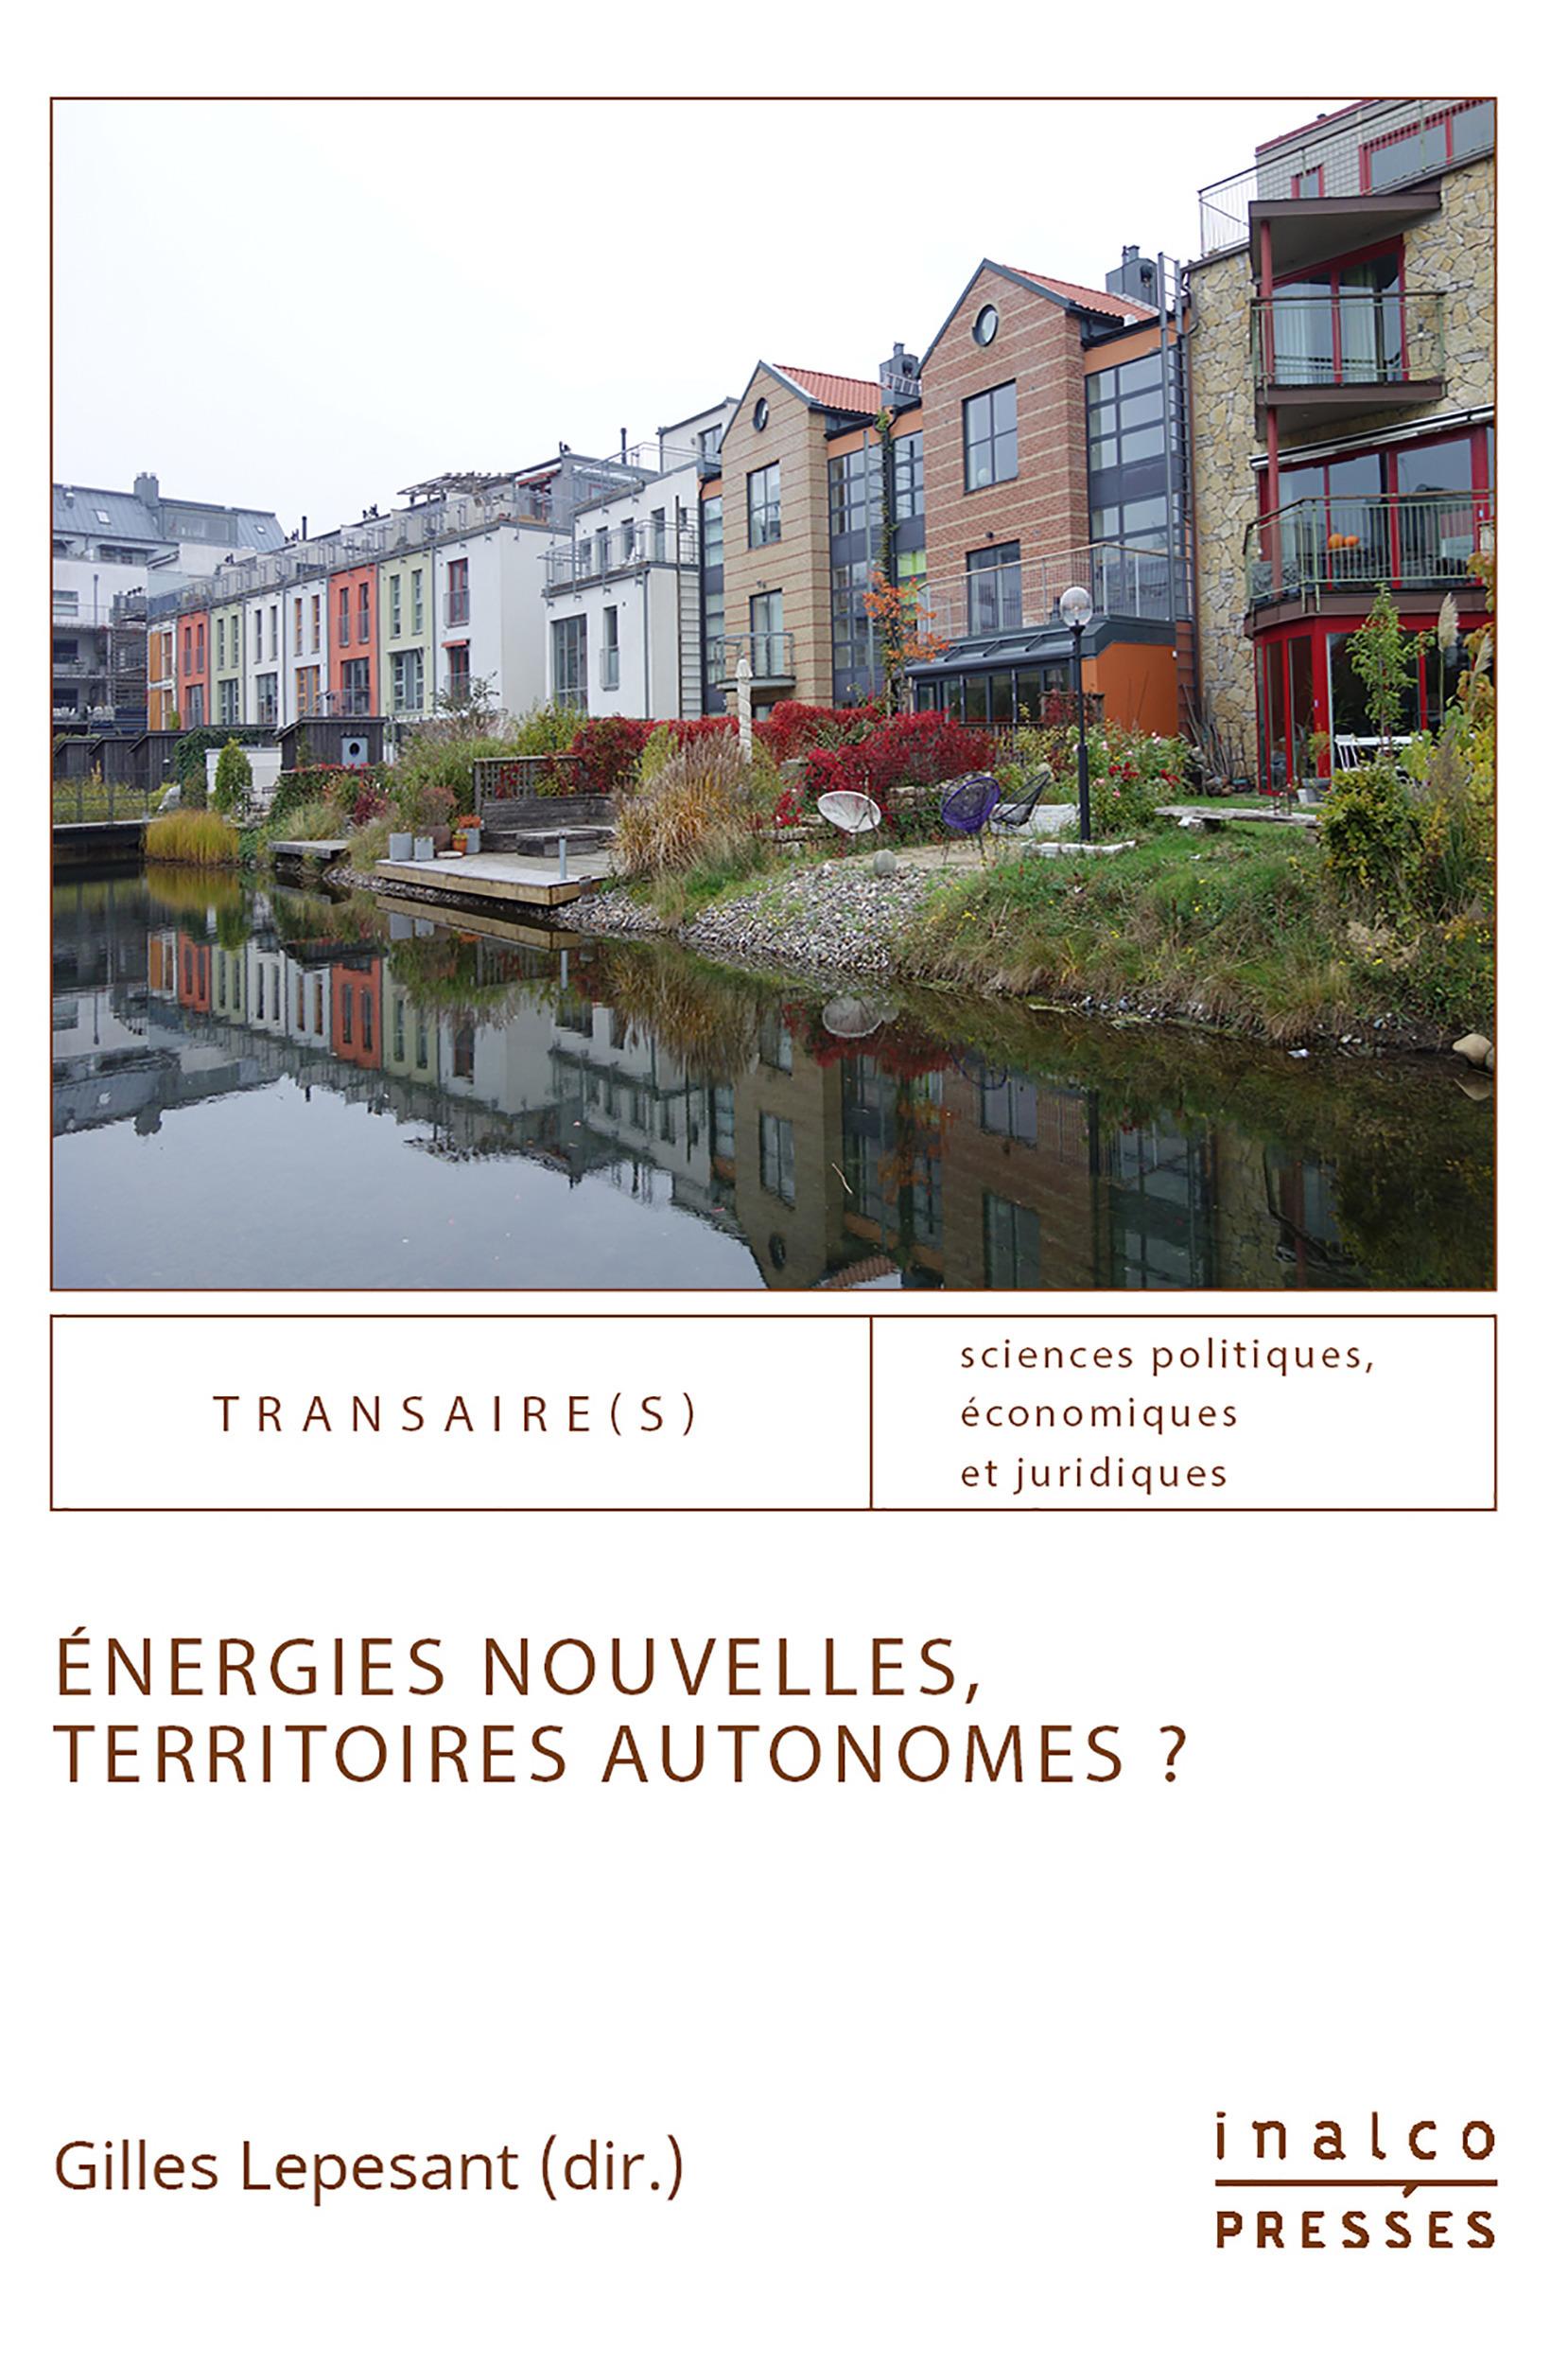 Energies nouvelles, territoires autonomes ?